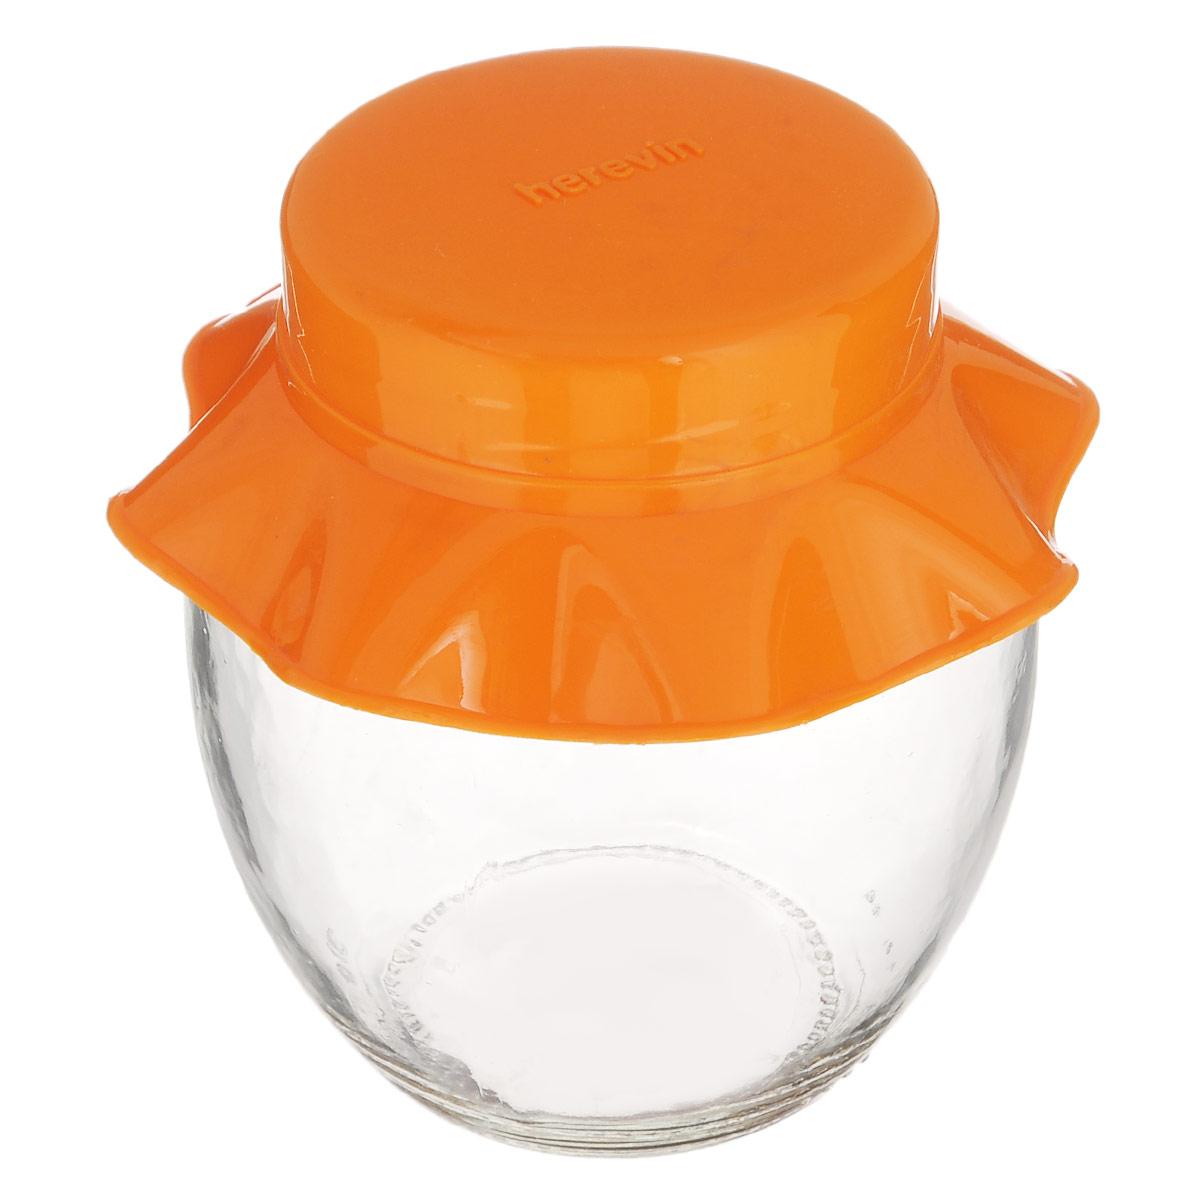 Банка для хранения Herevin, цвет: оранжевый, 370 мл131301-000_ оранжевыйБанка для хранения Herevin выполнена из прозрачного стекла и оснащена пластиковой цветной крышкой. Крышка легко откручивается, благодаря чему засыпать приправу или налить варенье внутрь очень просто. Такая баночка станет достойным дополнением к вашему кухонному инвентарю. Можно мыть в посудомоечной машине.Объем: 370 мл.Диаметр (по верхнему краю): 5,5 см.Высота банки (без учета крышки): 10 см.